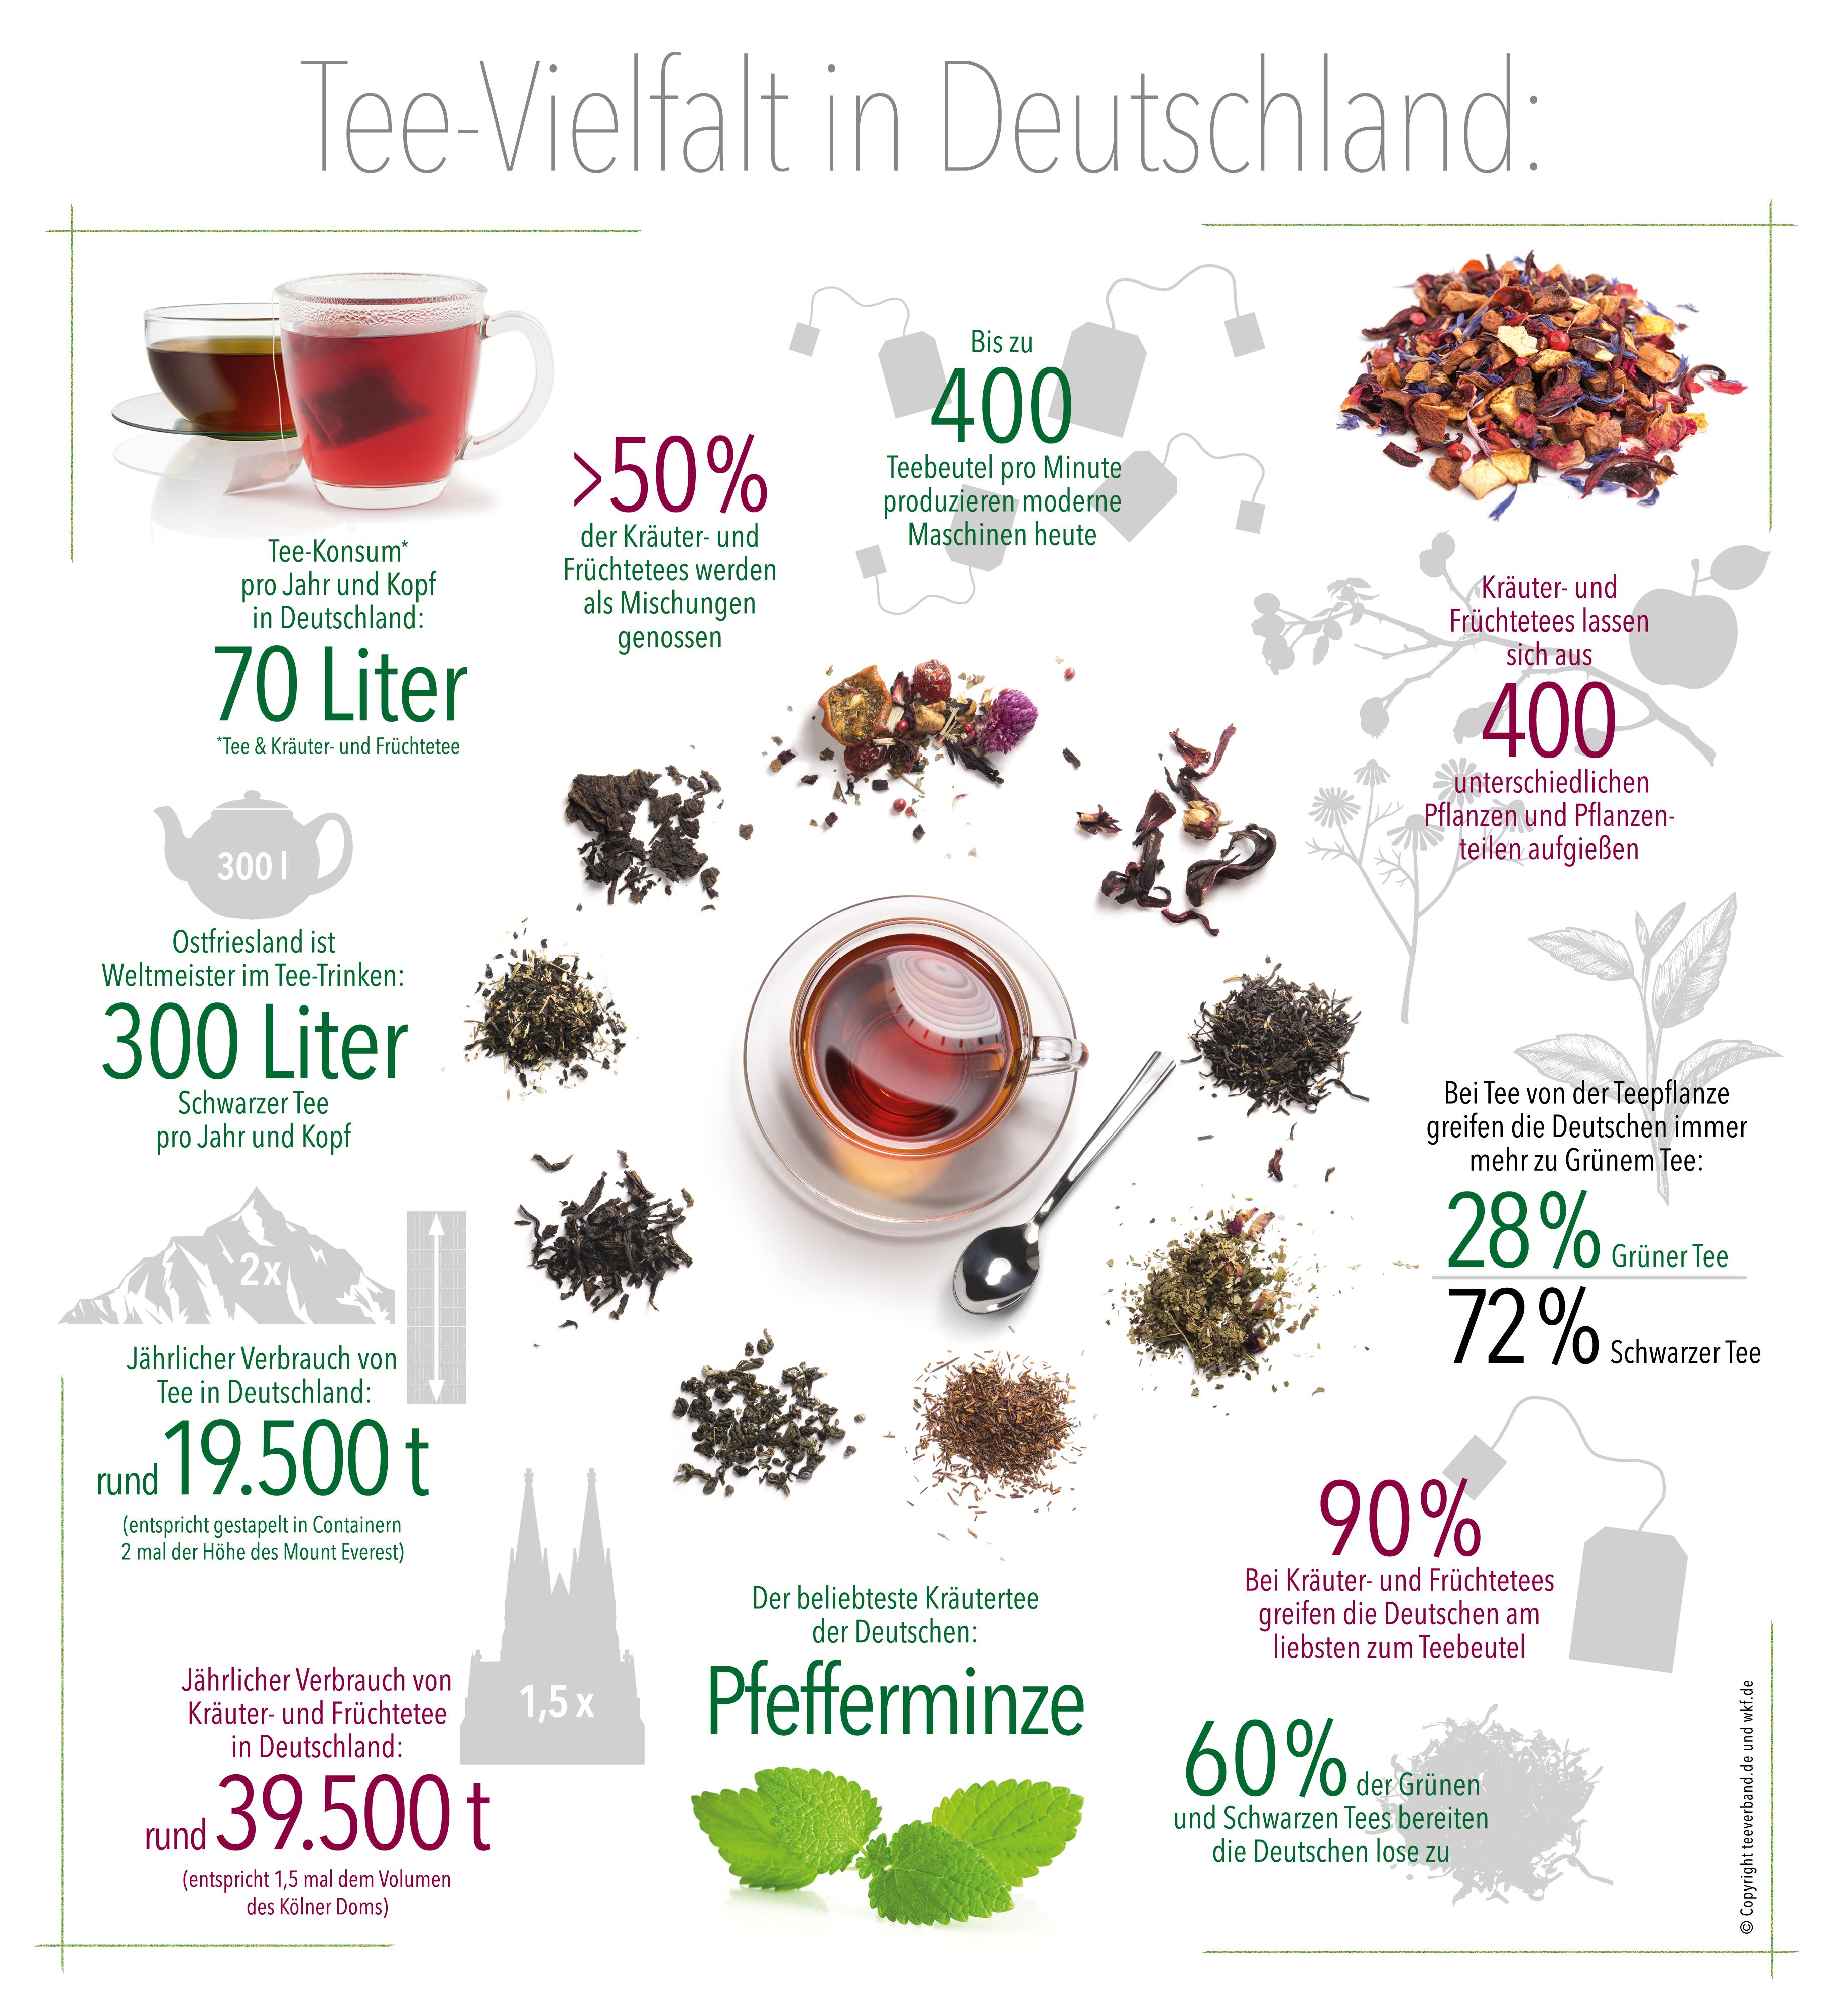 Tee Verbraucher